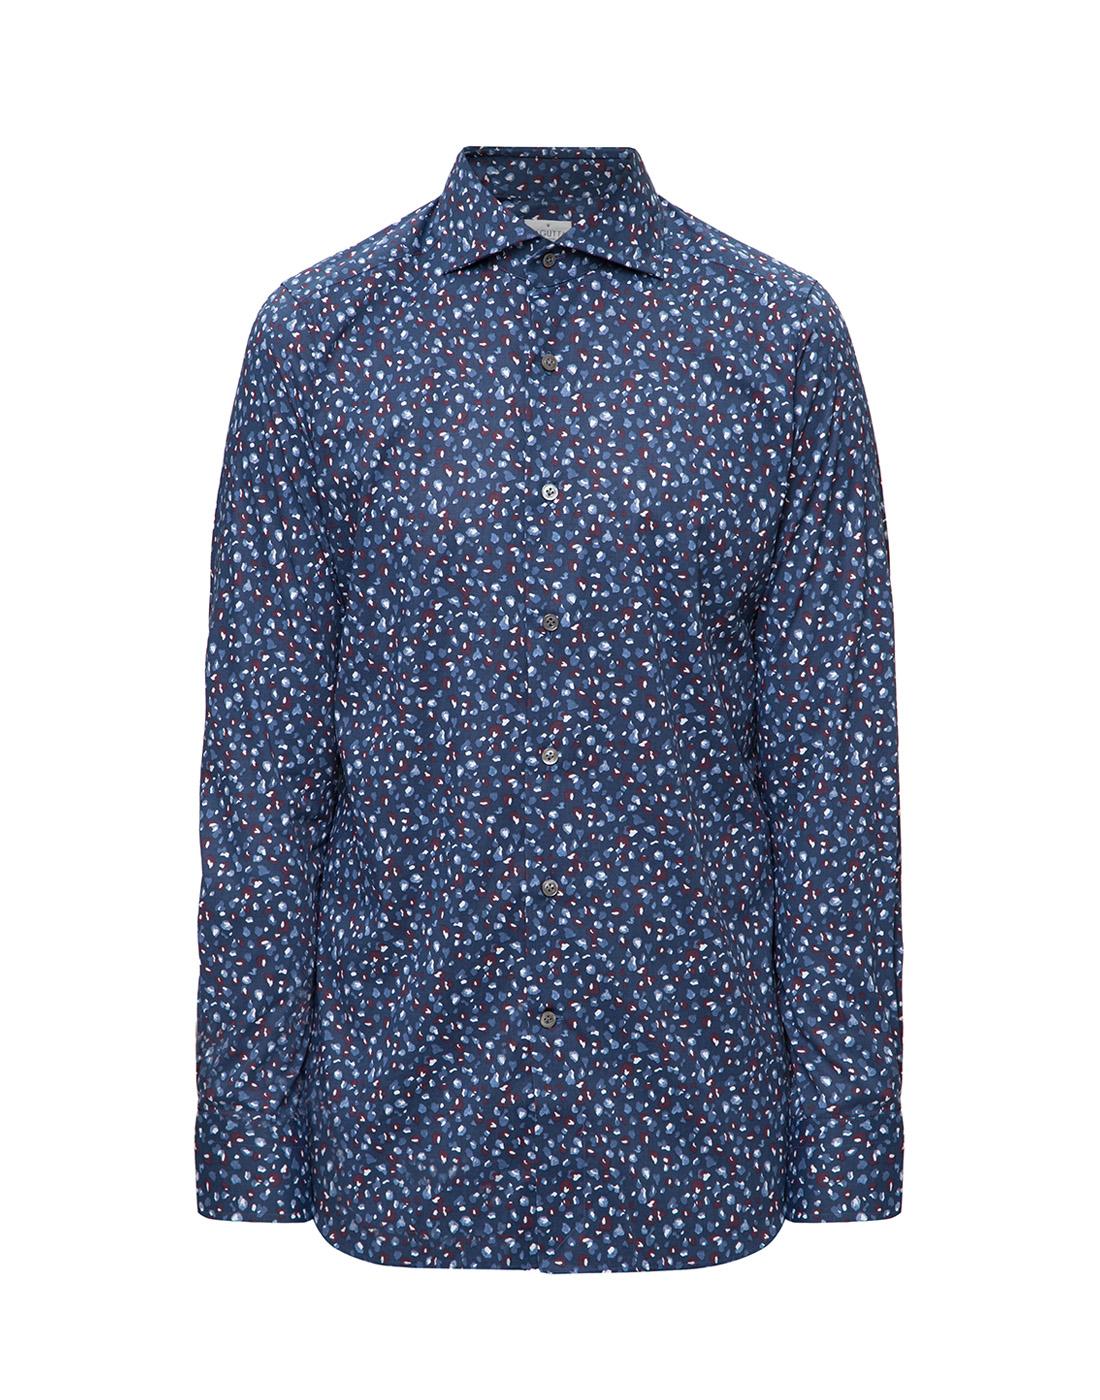 Мужская синяя рубашка Bagutta S09597.650-1